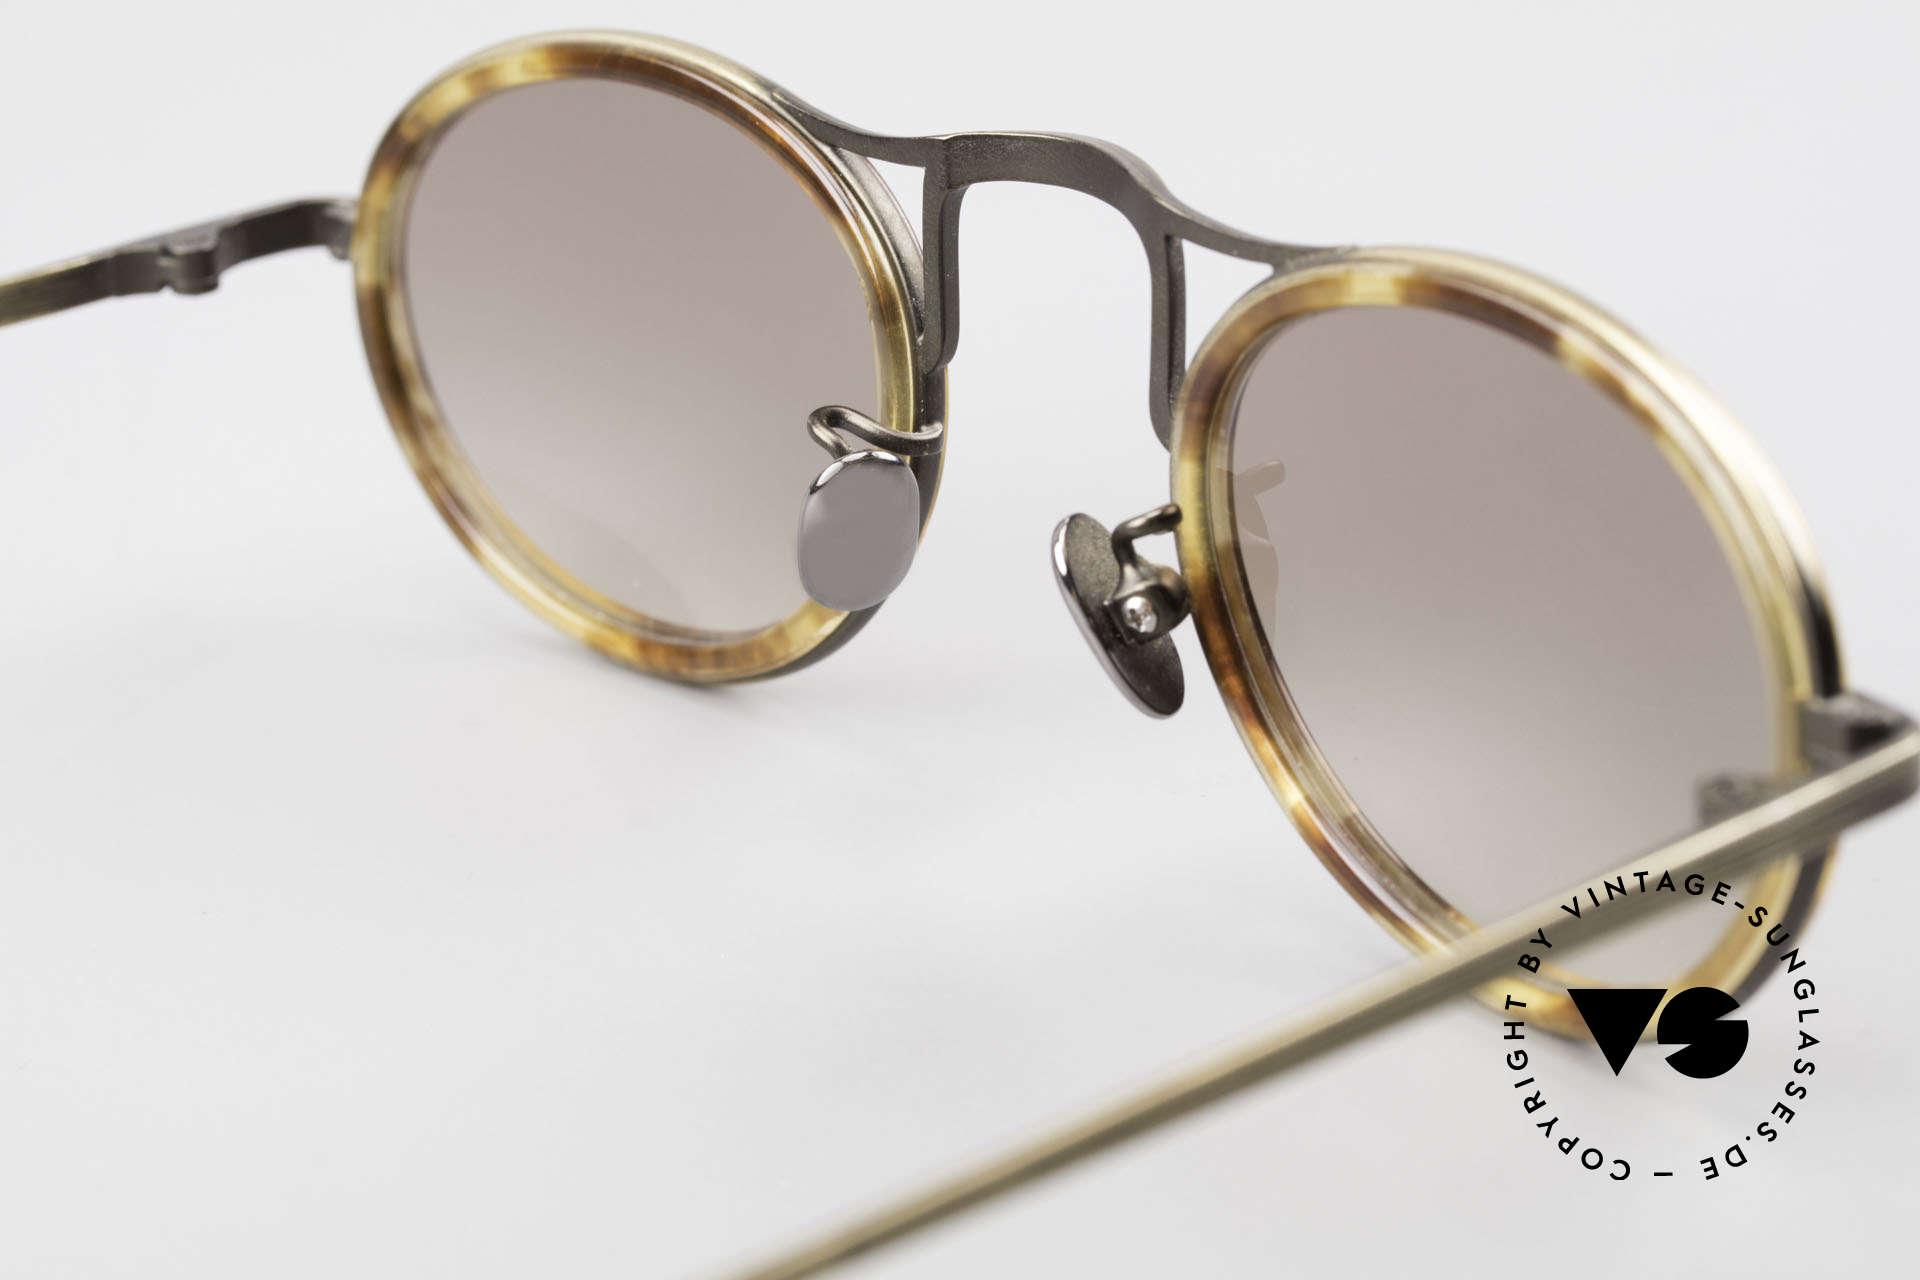 Oliver Peoples MP1 Vintage Designer Brille Oval, Qualitätsfassung kann beliebig optisch verglast werden, Passend für Herren und Damen